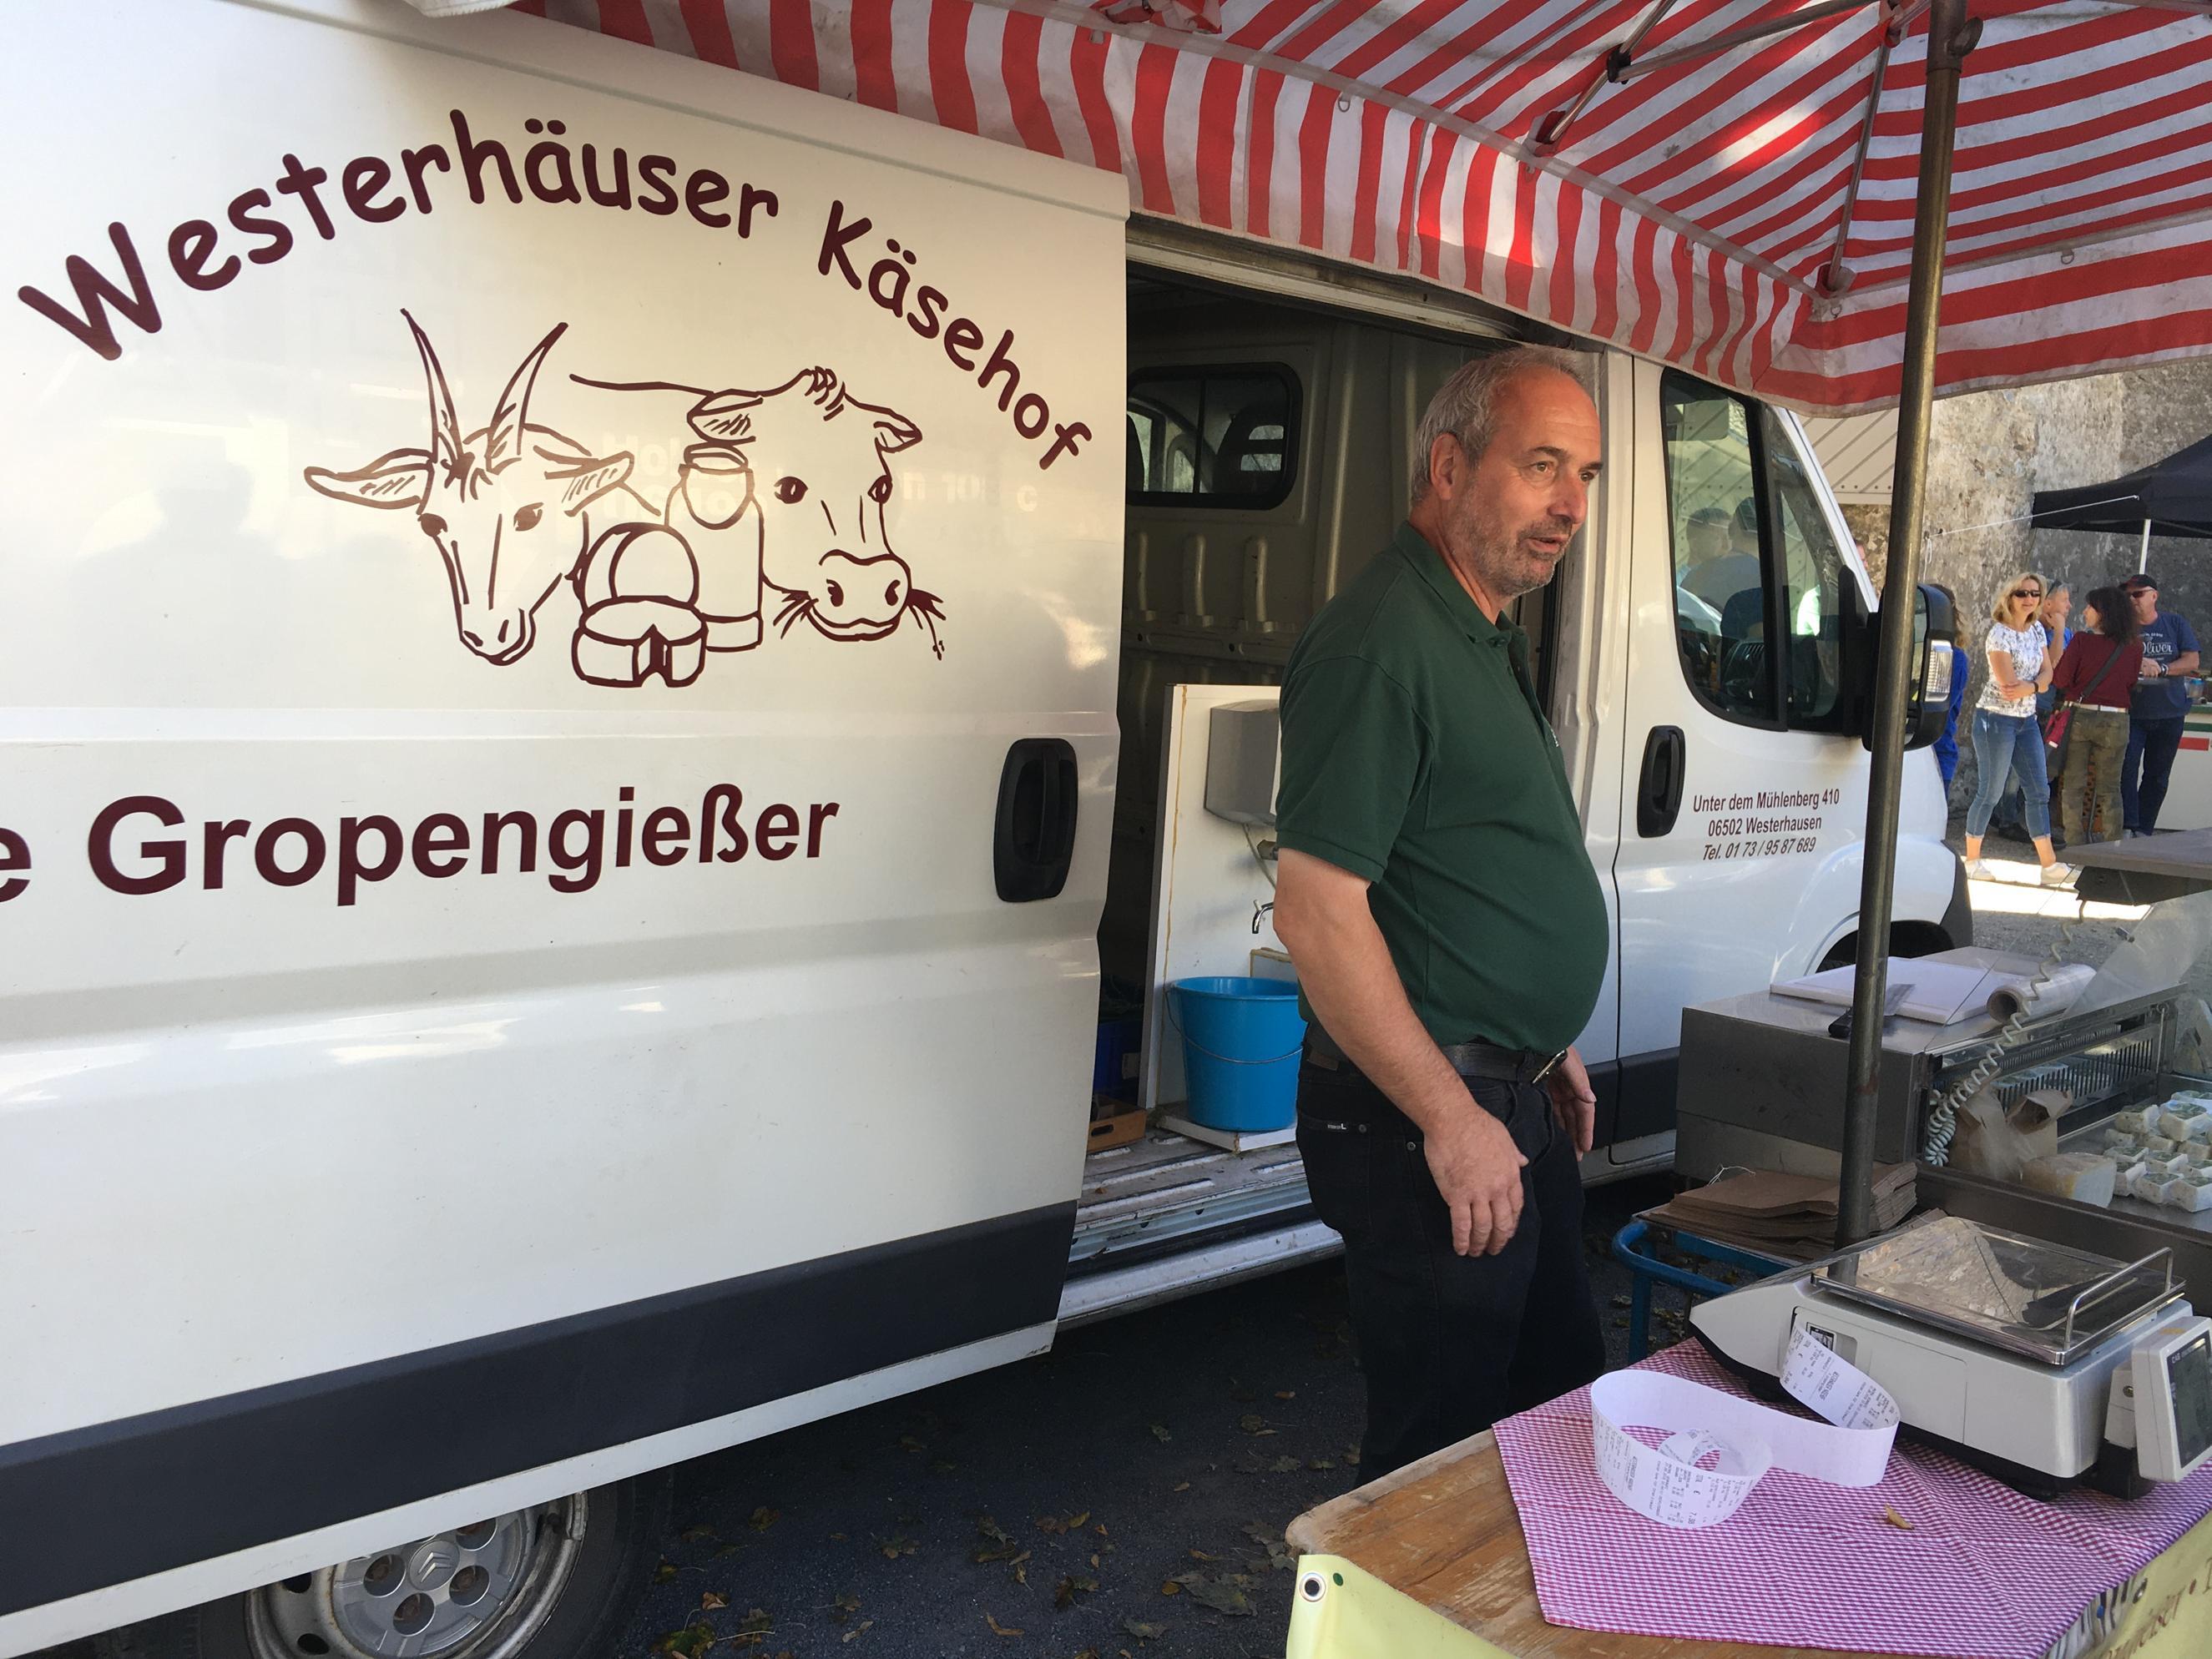 Westerhäuser Käsehof auf dem Typisch Harz-Markt